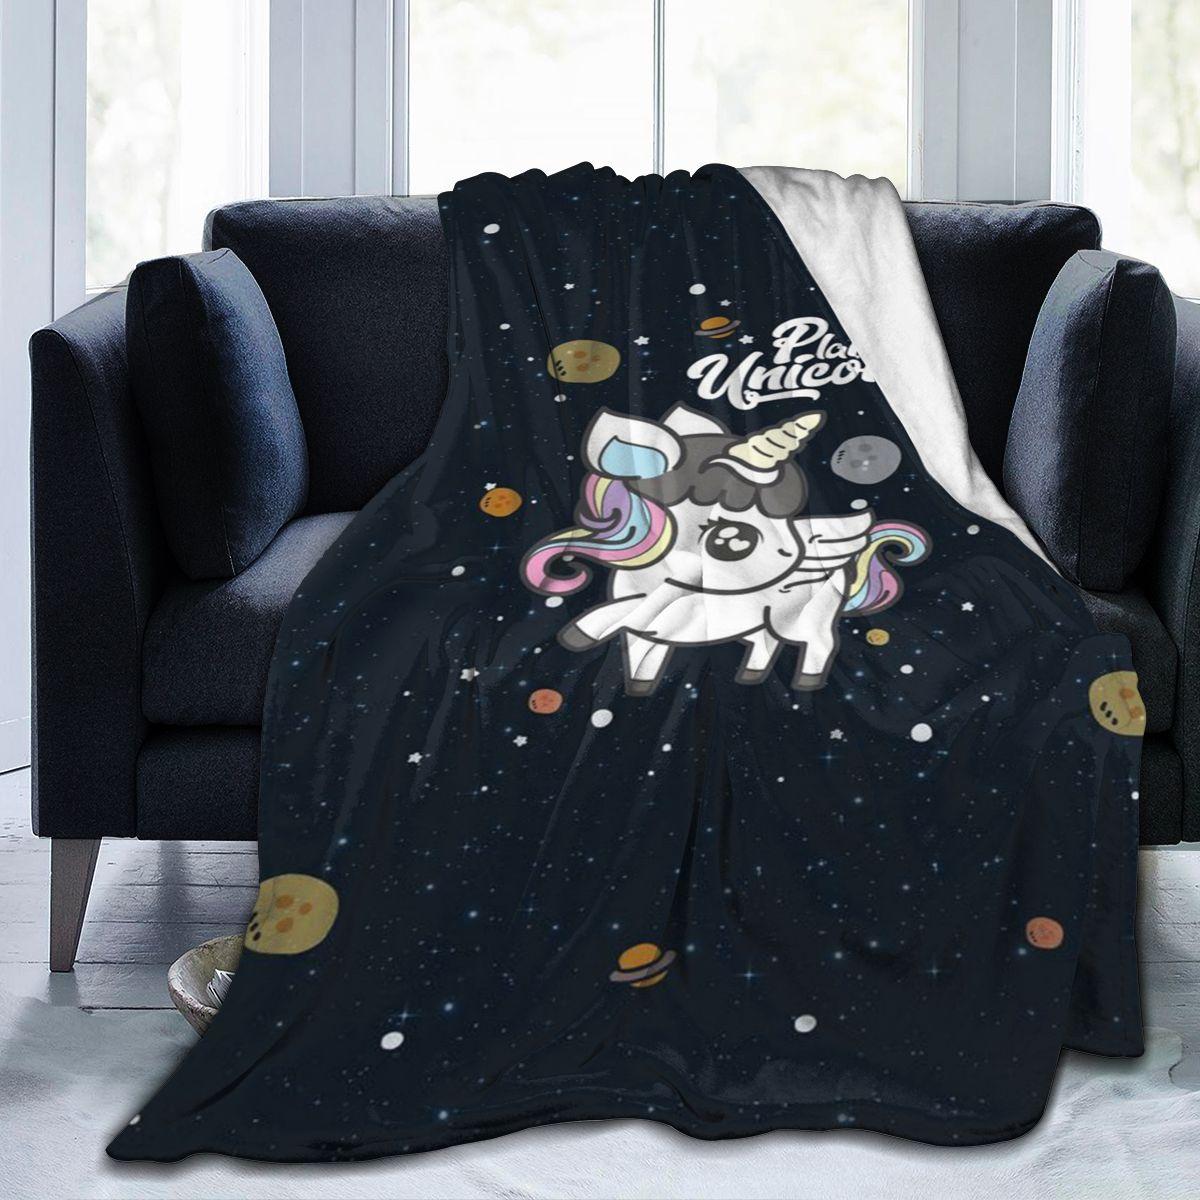 الترا لينة أريكة غطاء بطانية بطانية الفراش الكرتون الكرتون الفانيلا plied أريكة ديكور غرفة نوم للأطفال والكبار 2665601